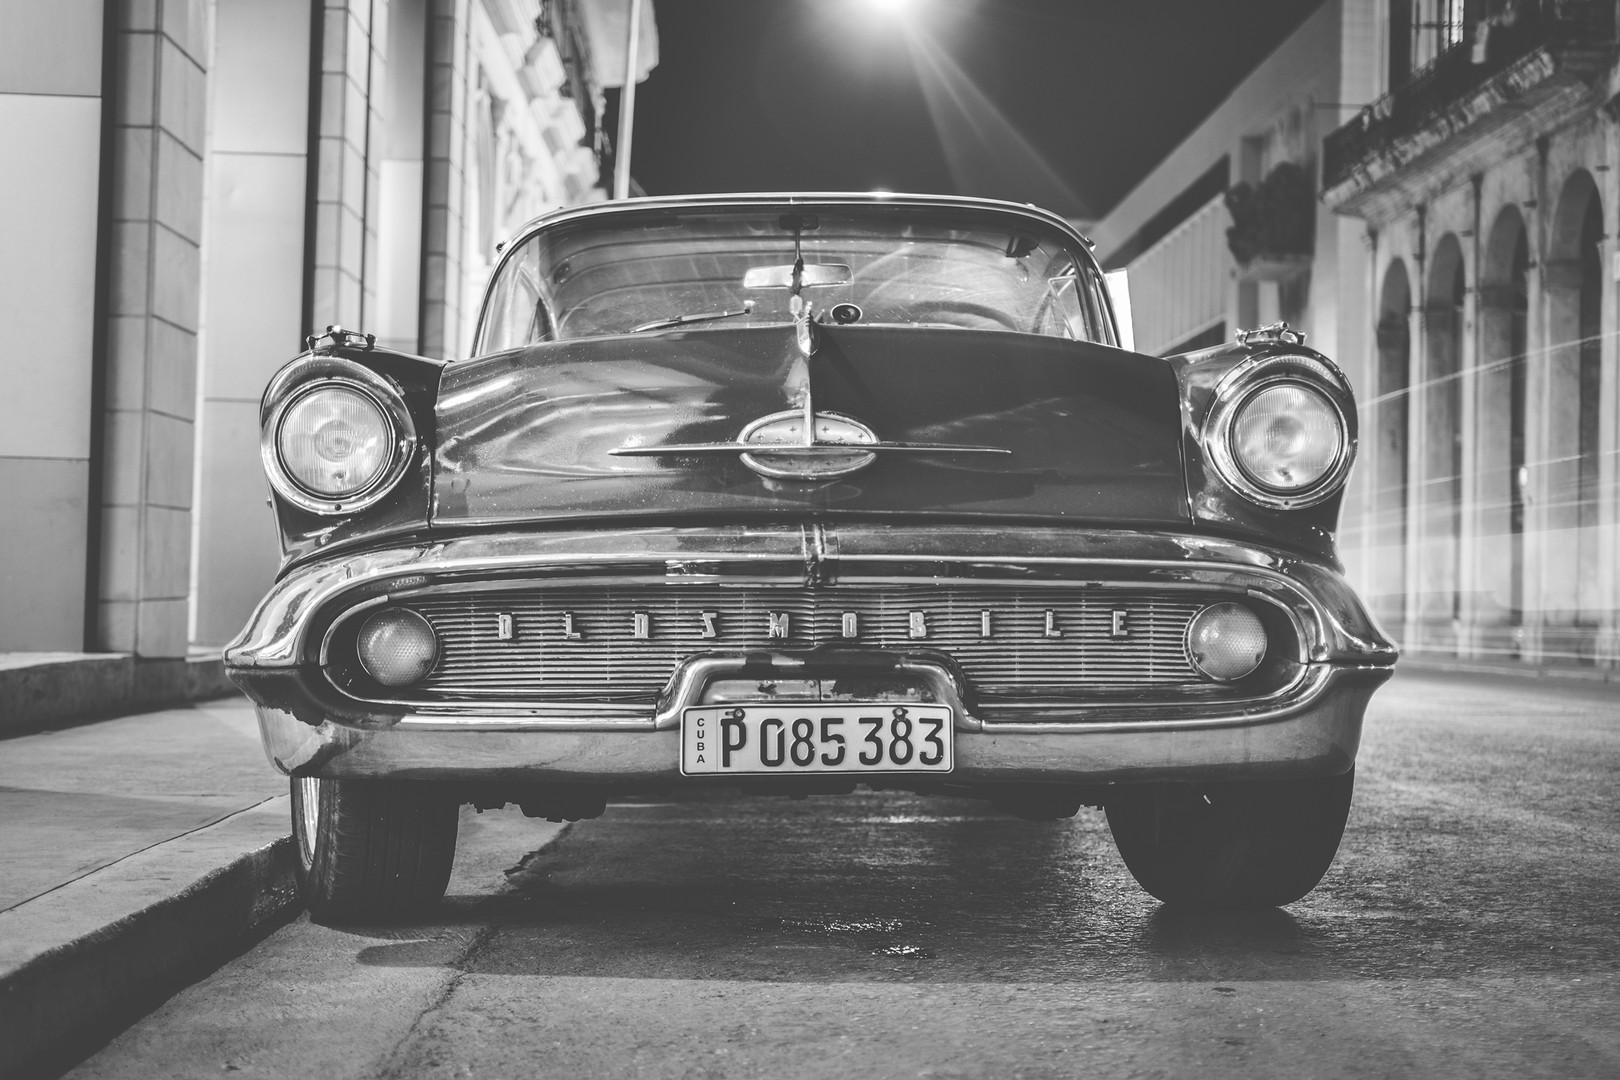 Chevy Oldsmobile '48, n°2